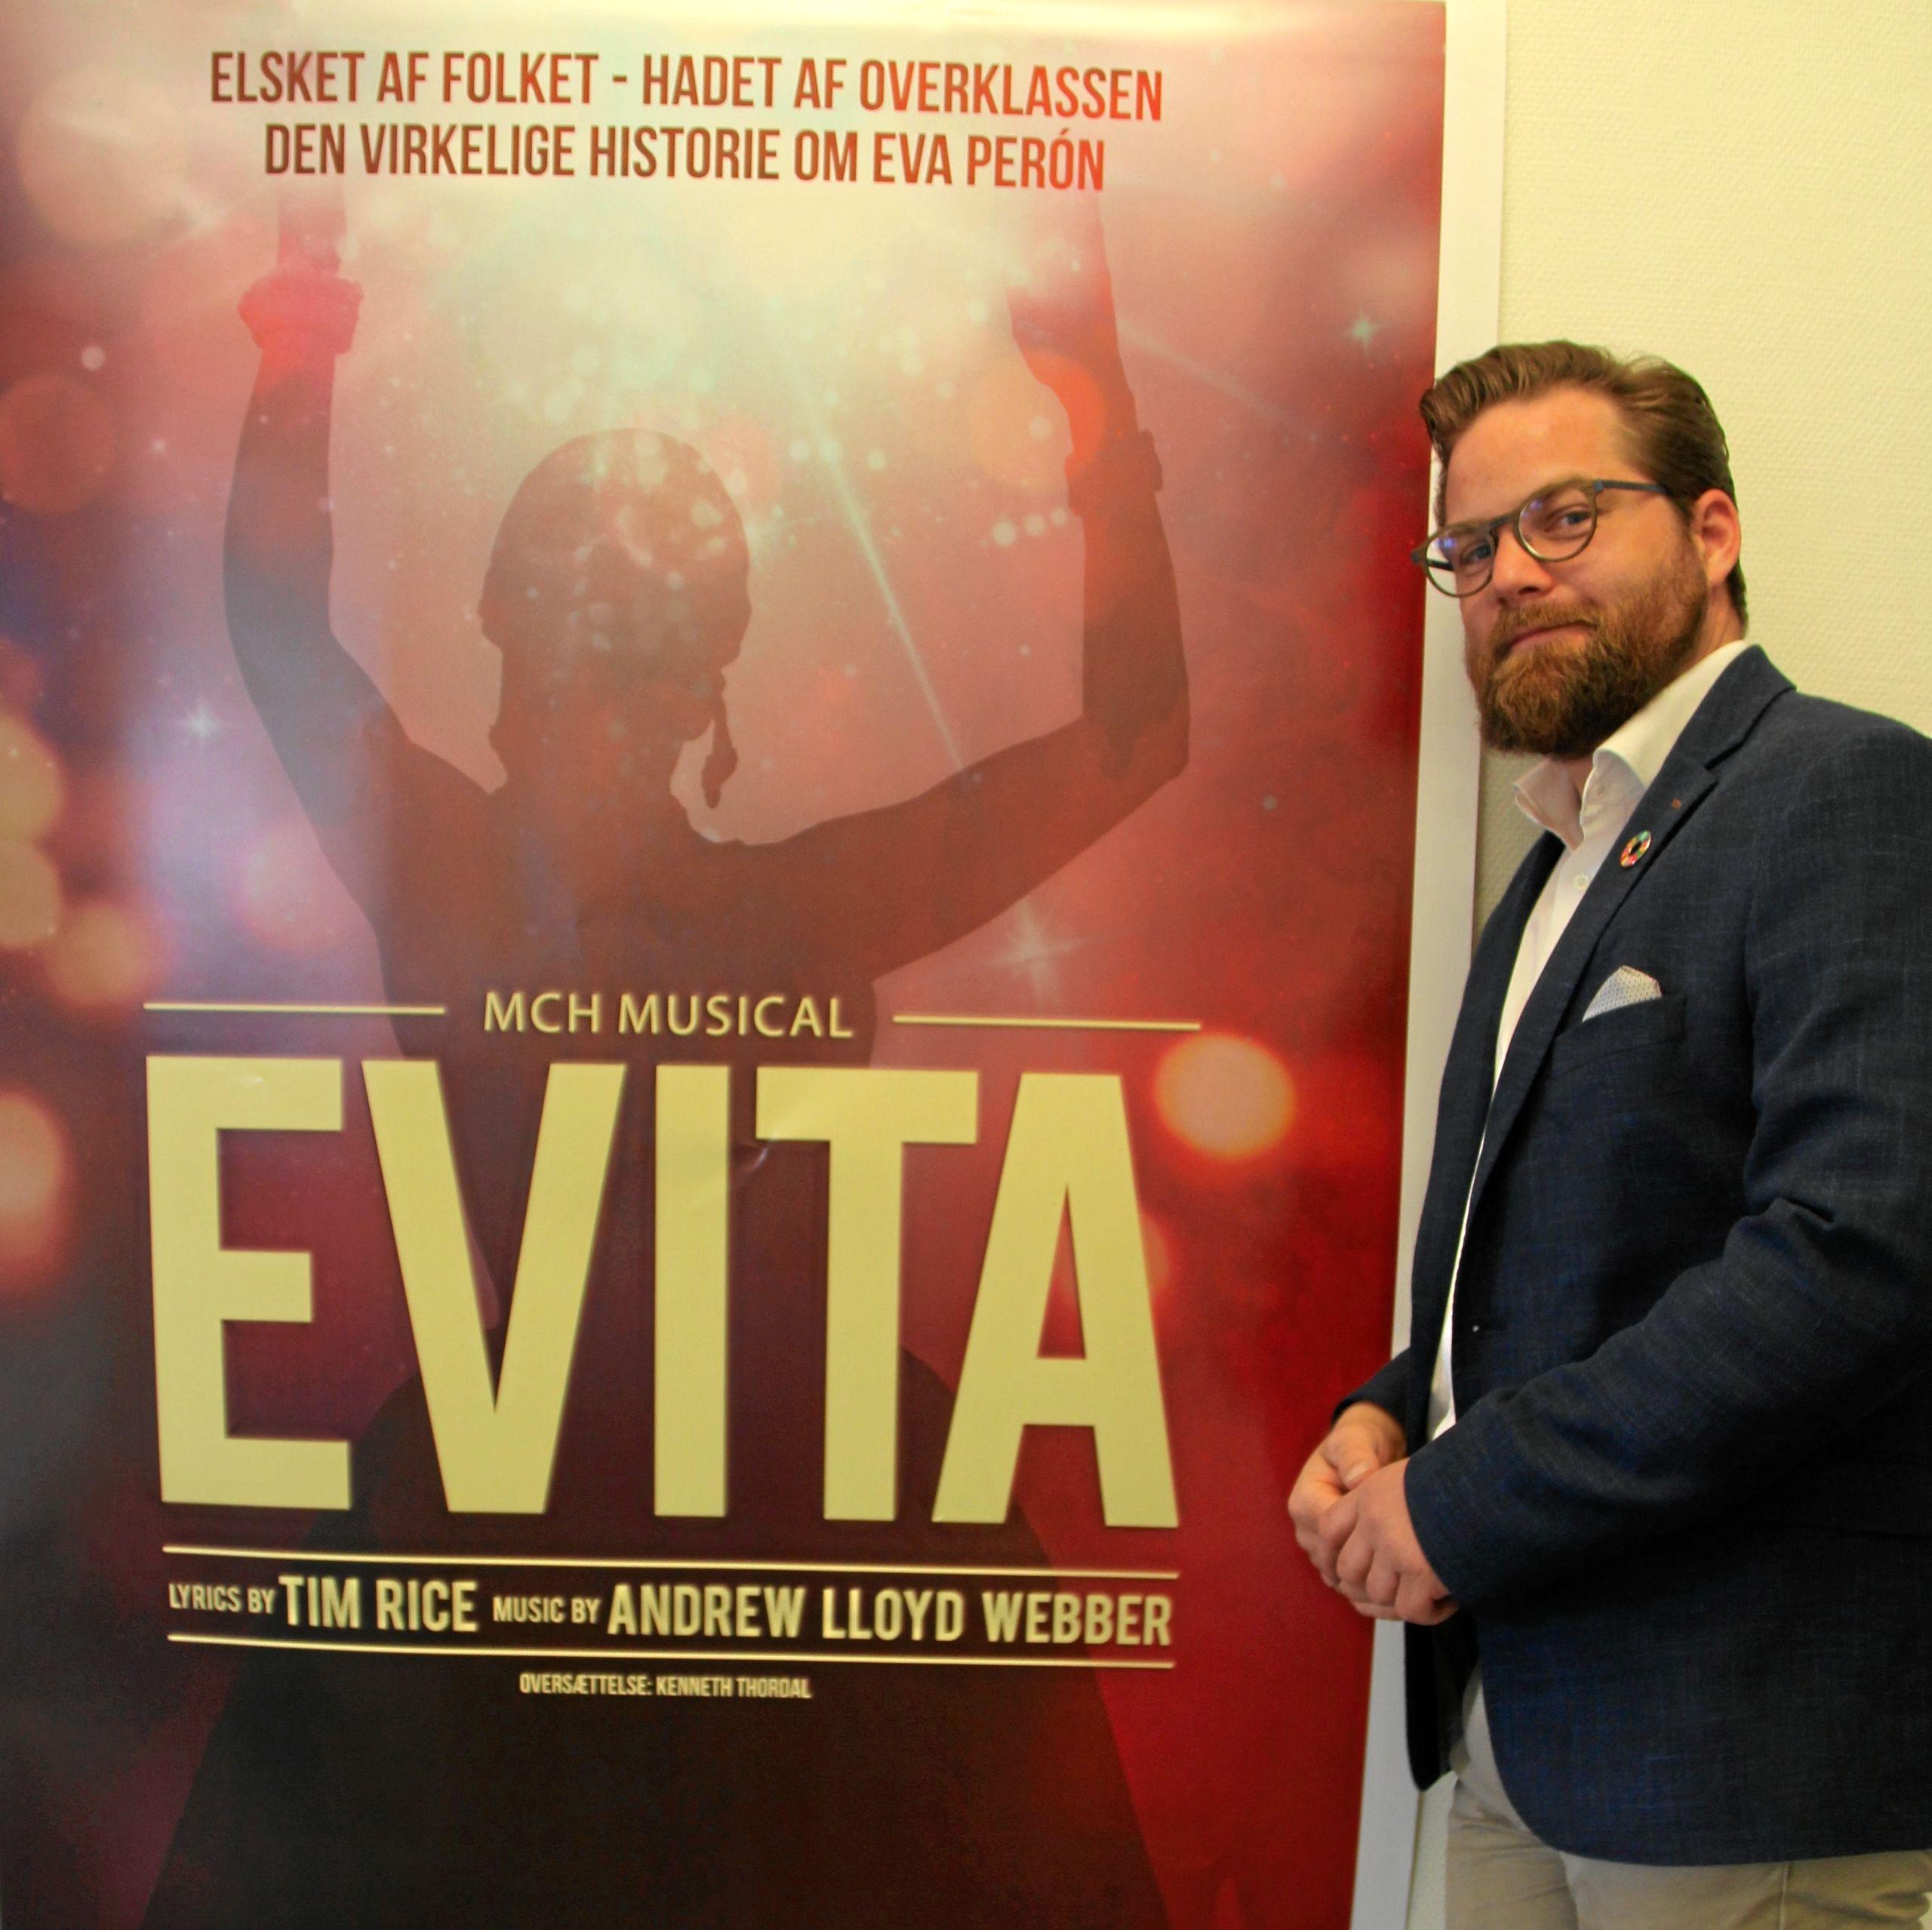 Direktør Nikolaj Holm glæder sig over, at det er lykkedes at få Evita til byen. Privatfoto